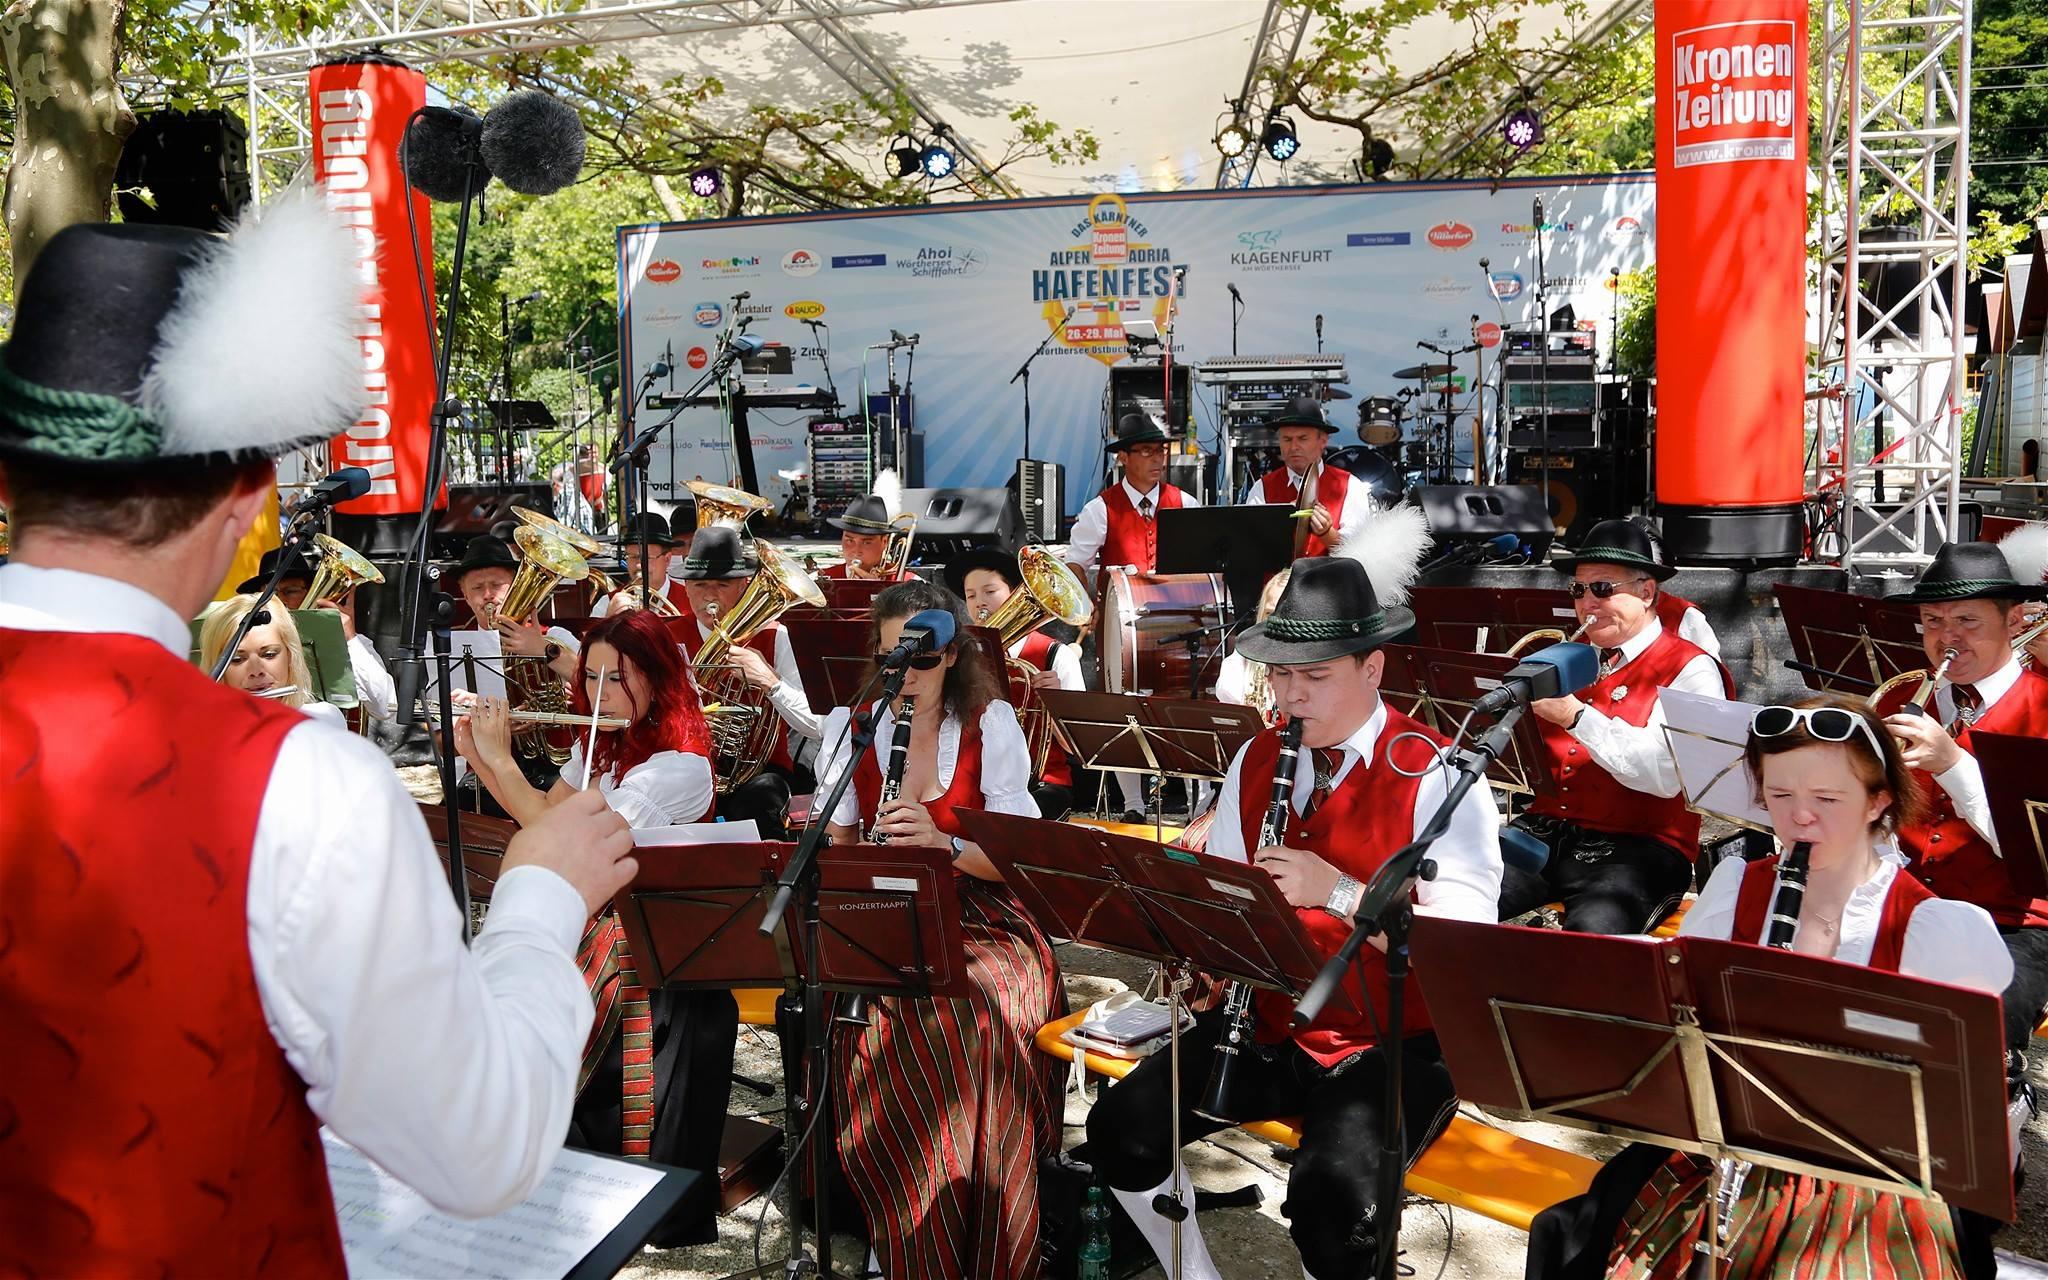 Konzert beim Hafenfest in Klagenfurt